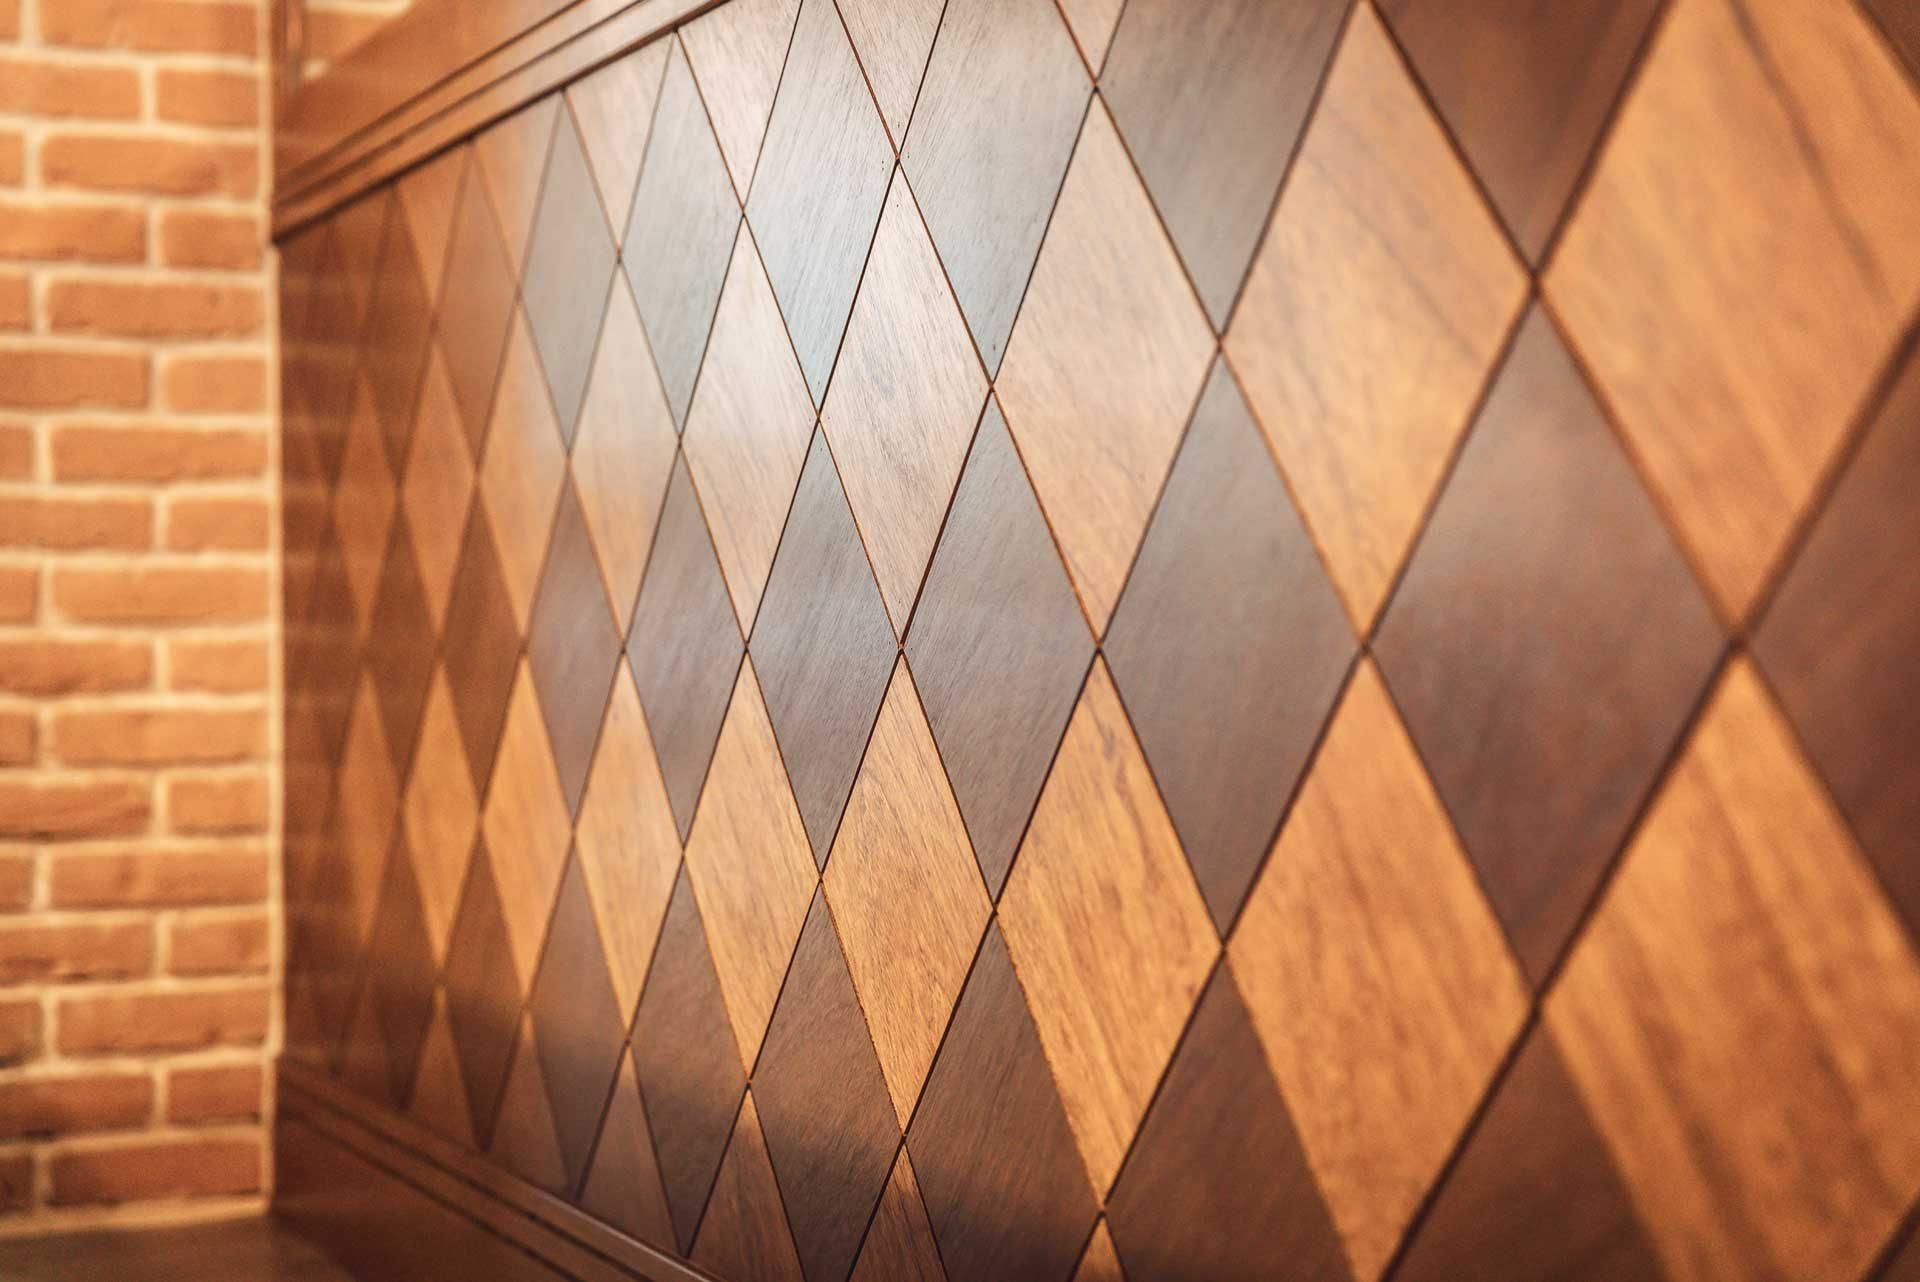 菱形牆板表面,採拋光上漆處理,透過不同方向的木紋搭配,製造出錯落有致的視覺效果